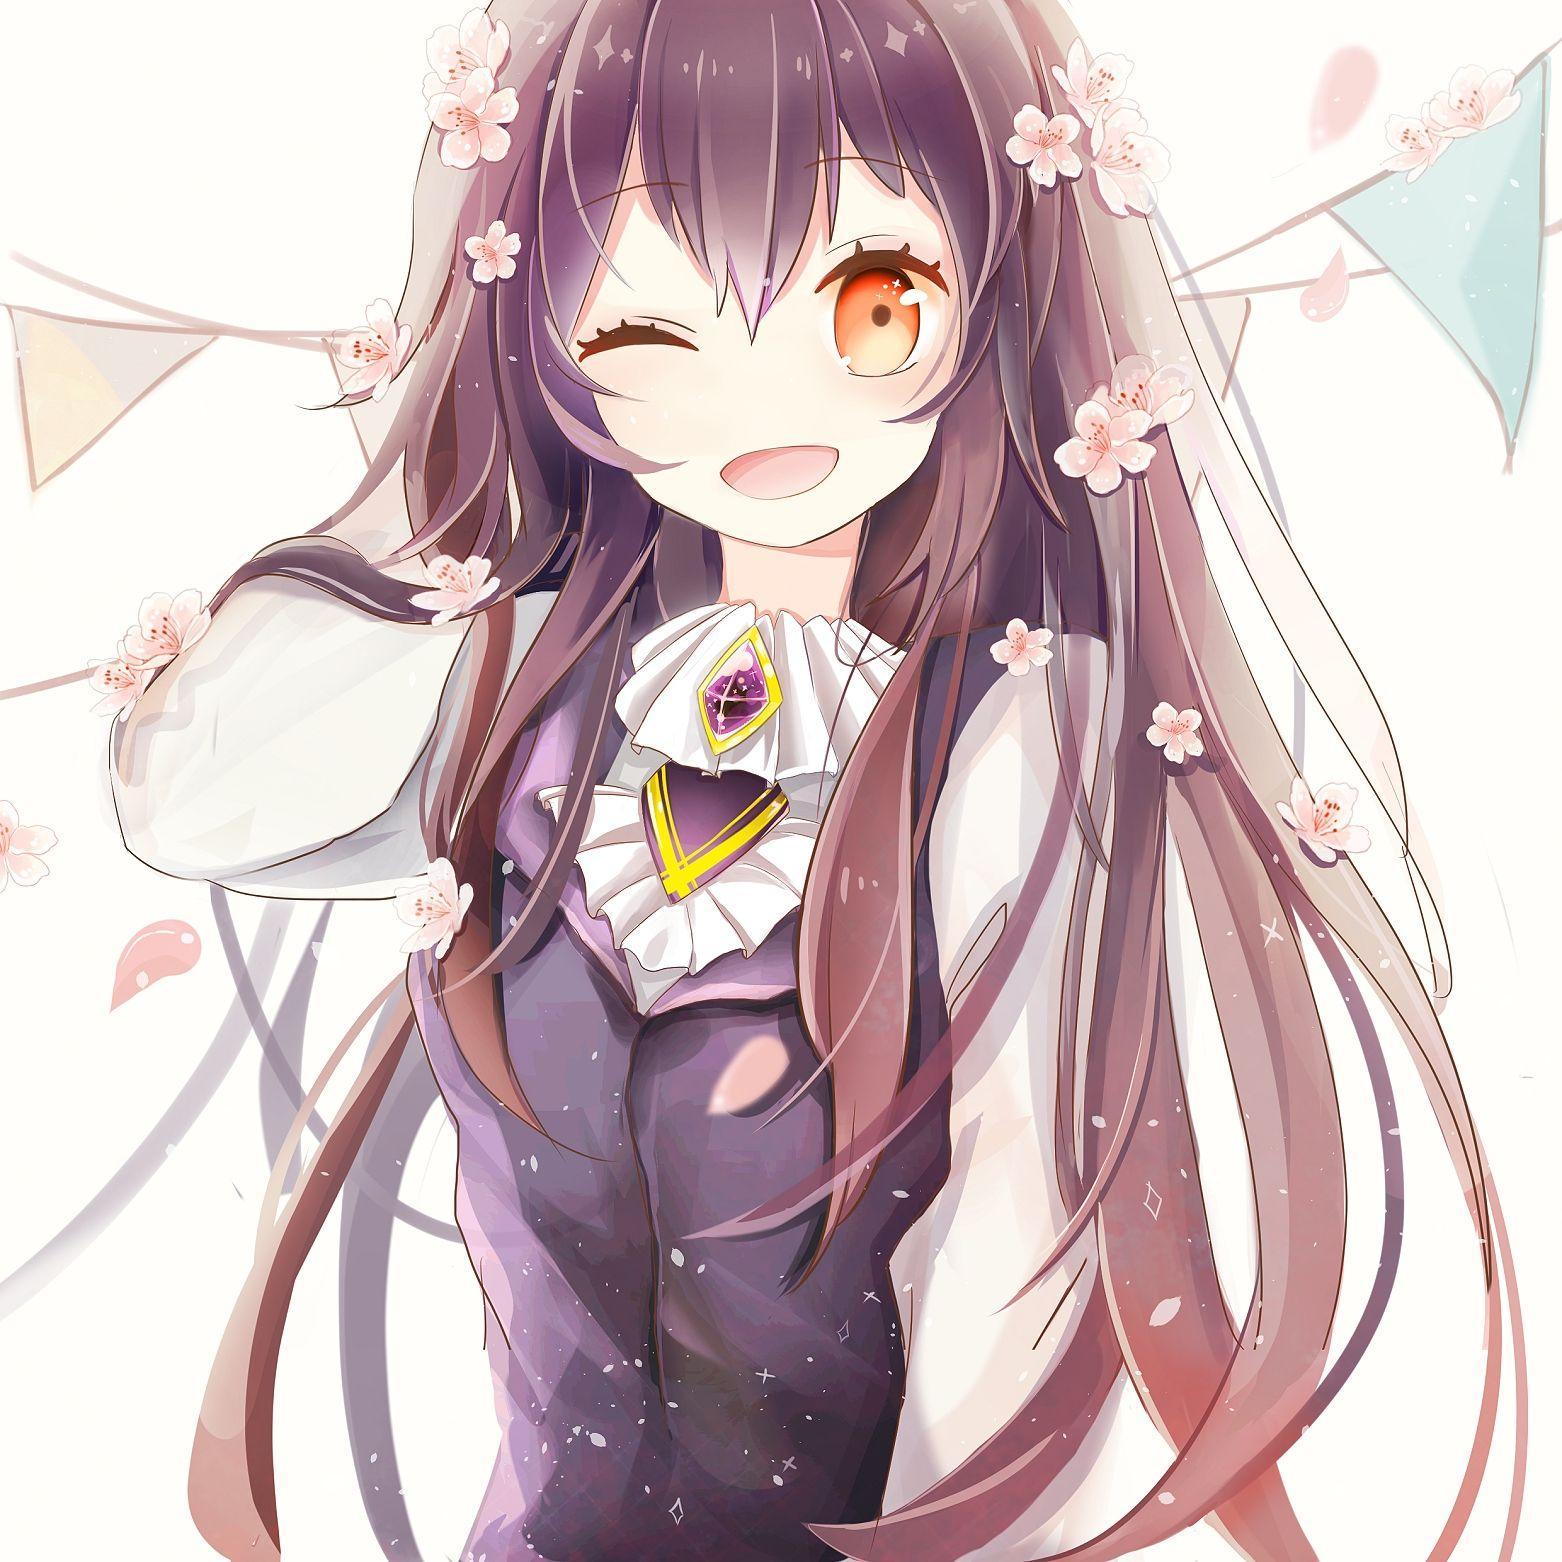 1562x1562 Hình nền Kawaii Anime Boy tuyệt vời